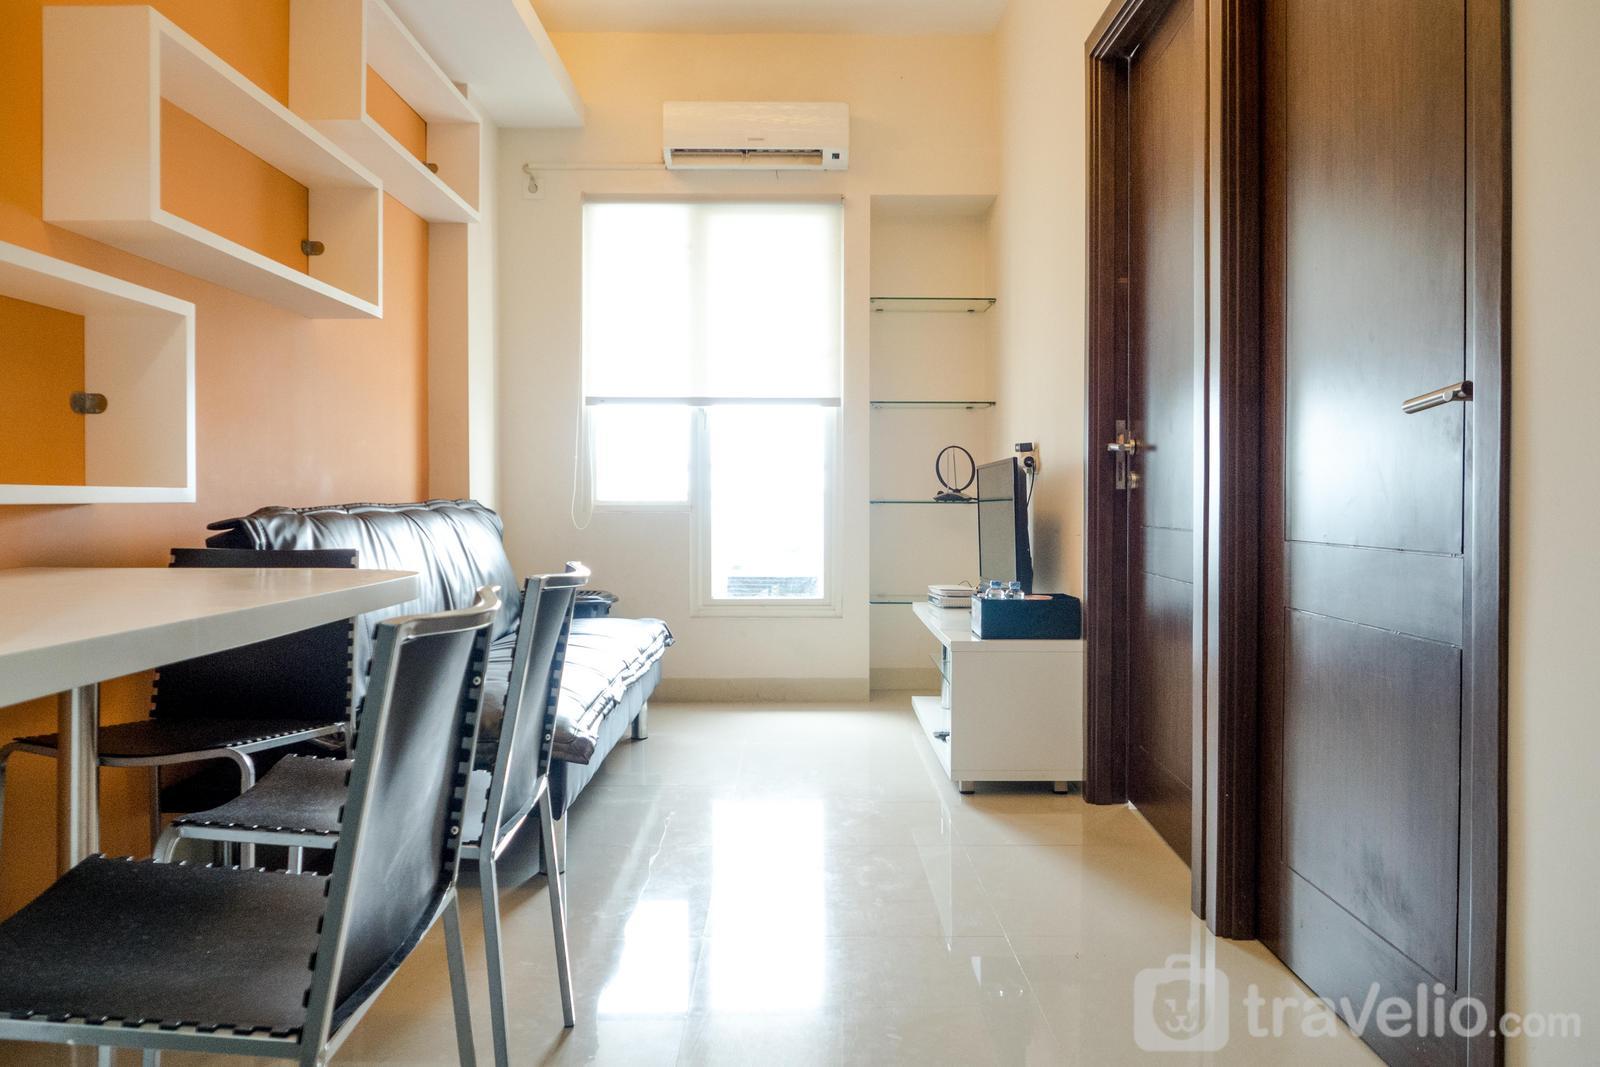 Apartemen Galeri Ciumbuleuit 2 - Modest 2BR Apartment at Galeri Ciumbuleuit 2 By Travelio